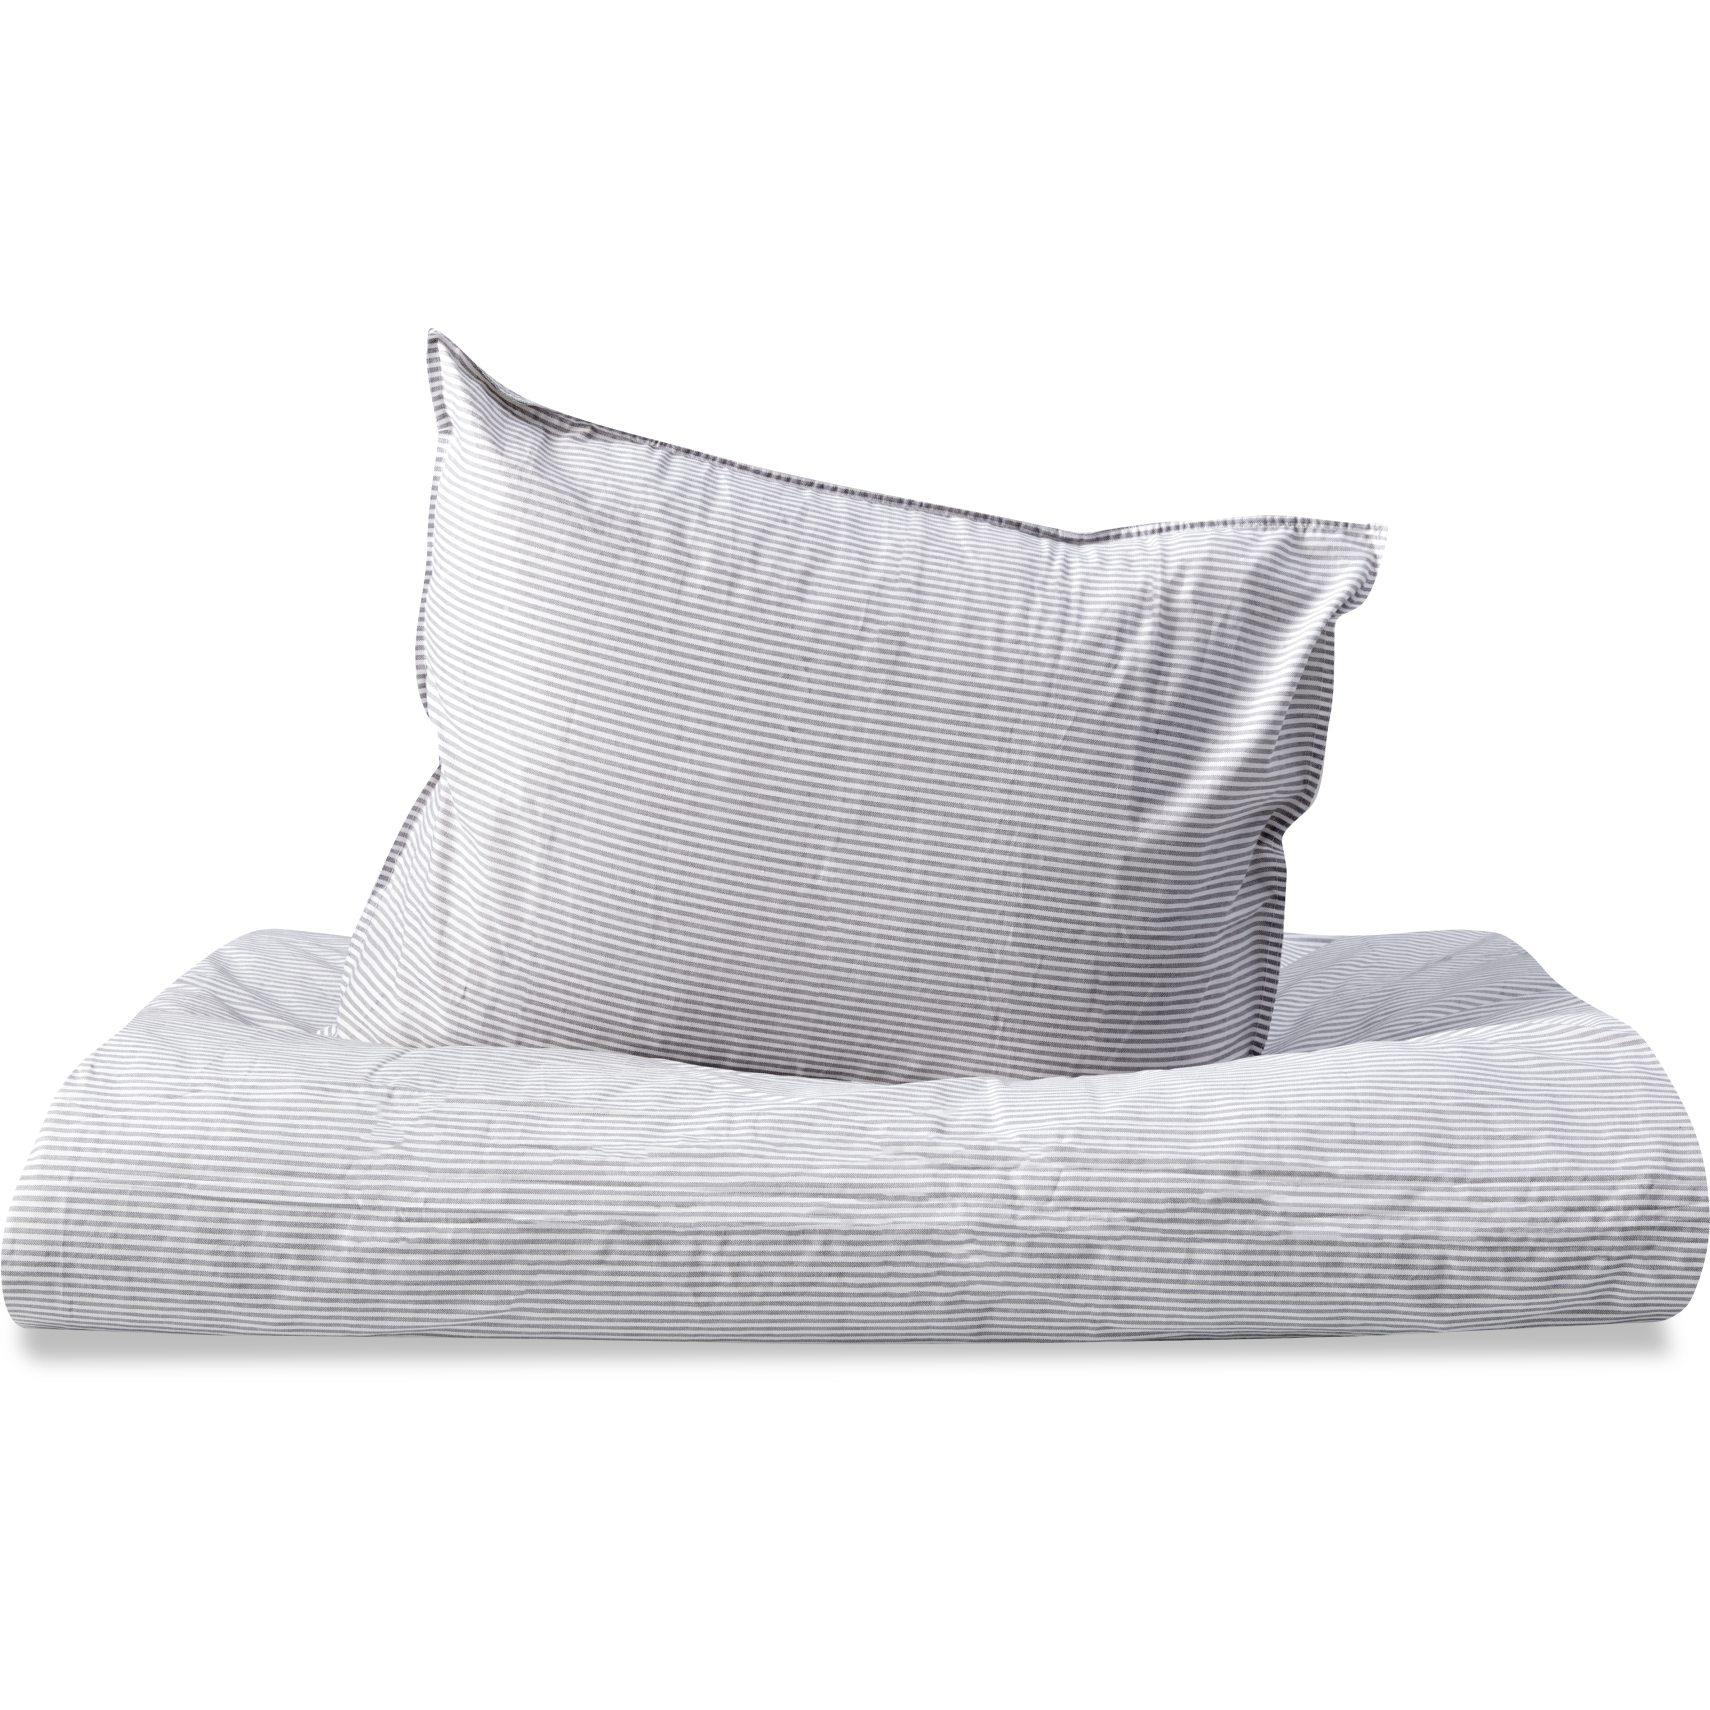 Borås Cotton Cille Sengetøj 140 x 200 cm